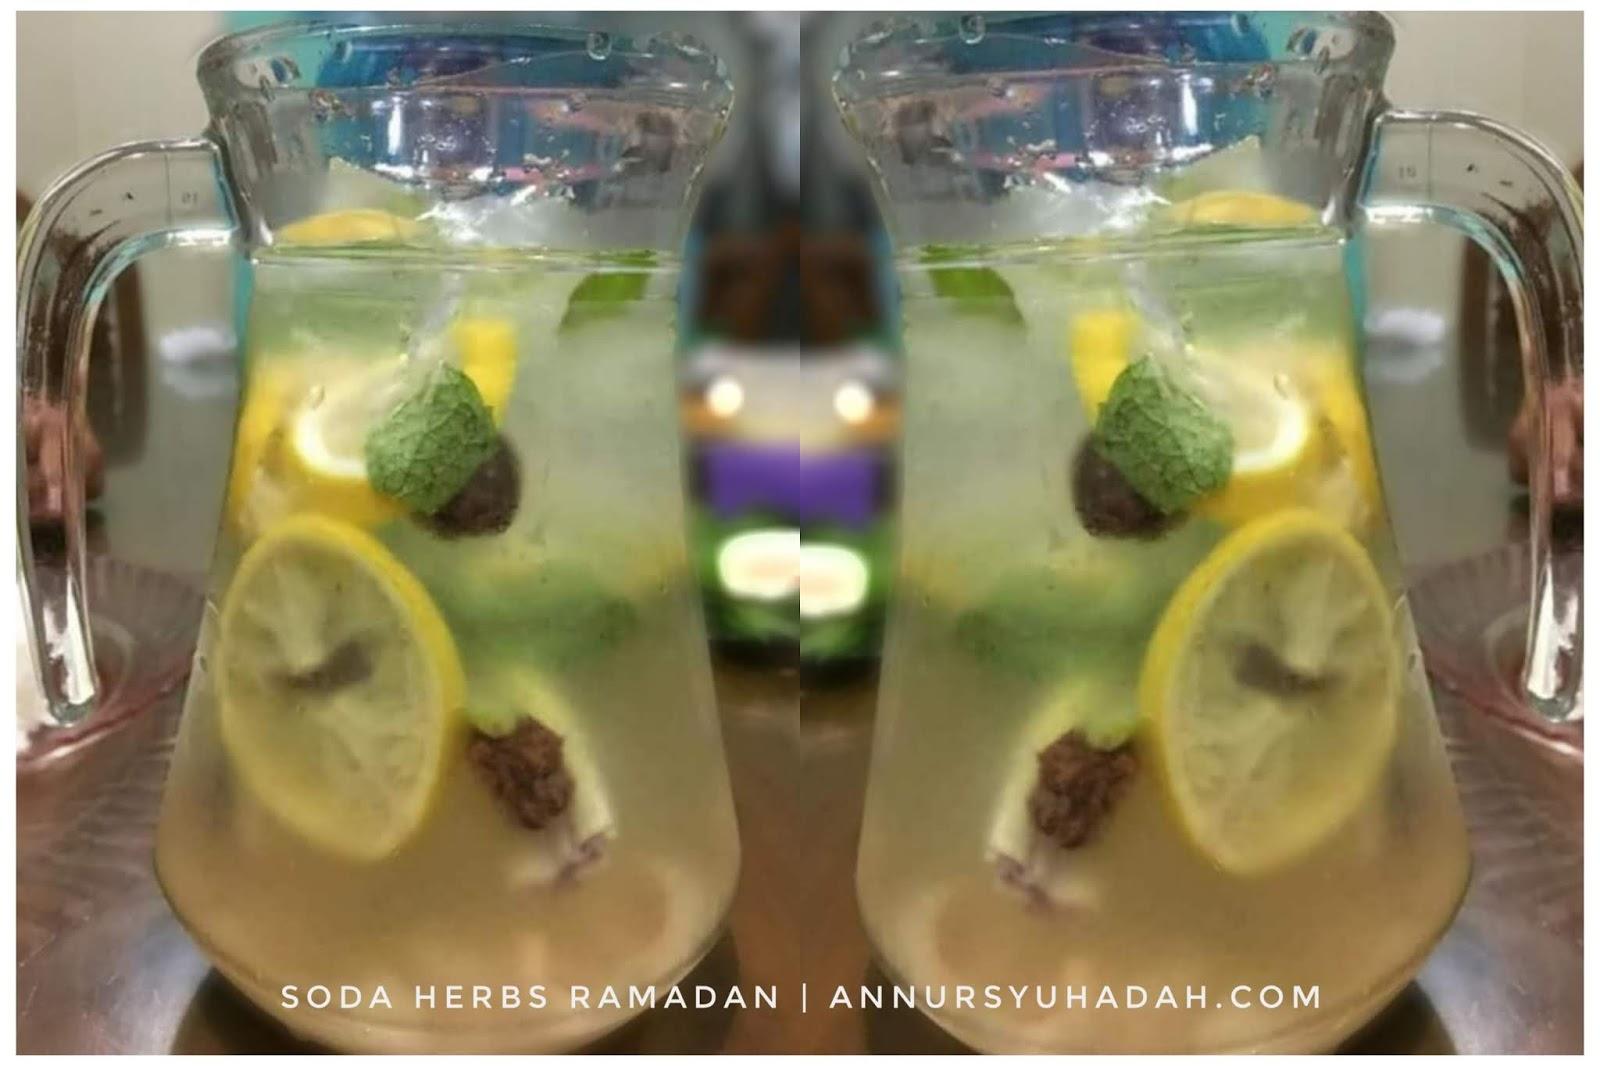 Cara Mudah Buat Air Soda Herbs Original – Fresh! Ada Lemon, Serai, Asam Boi dan Pudina. Resepi soda herbs, air soda laici sedap, air soda laici lemon serai,